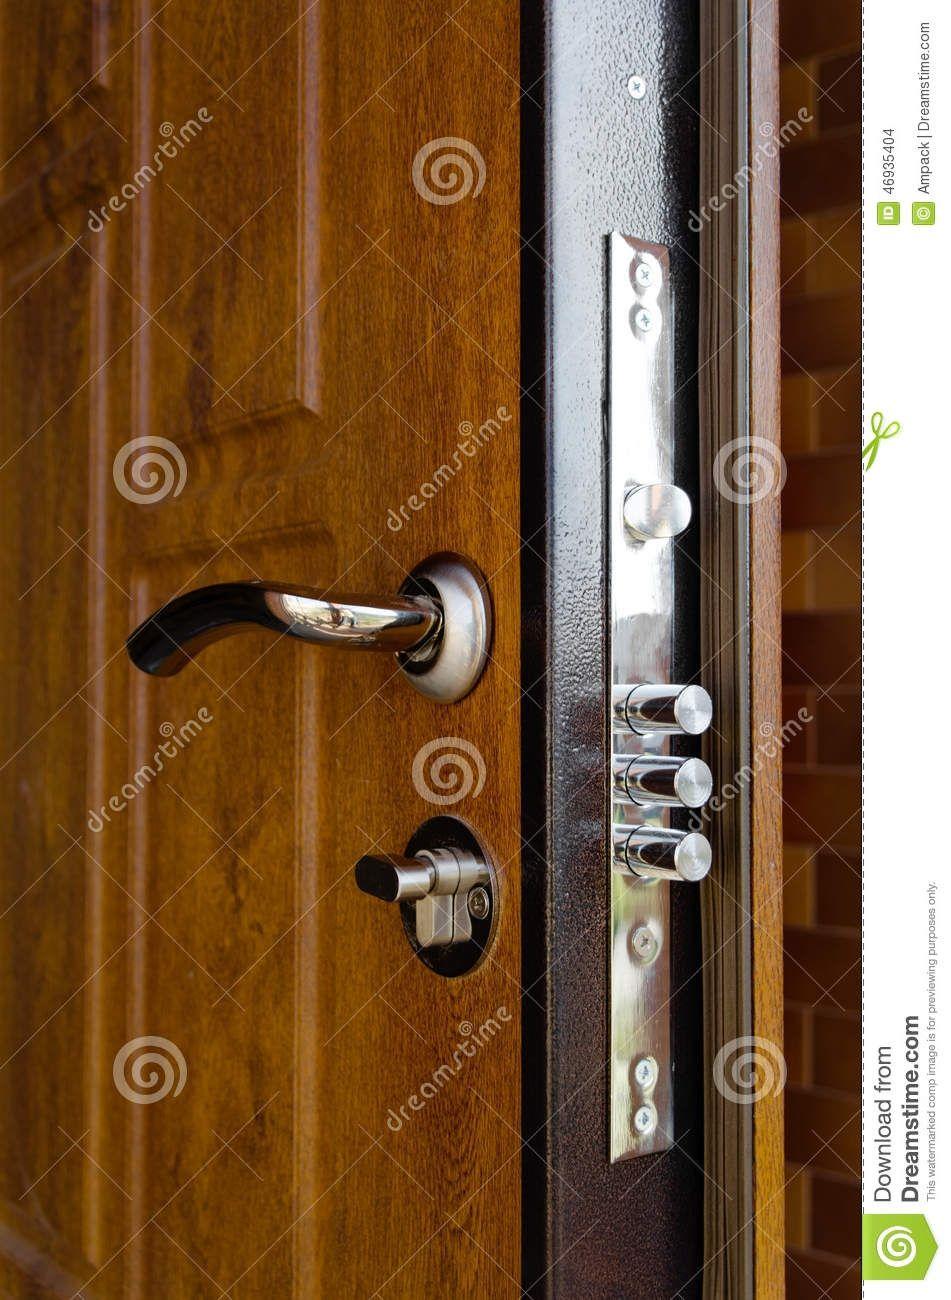 High Security Double Door Locks